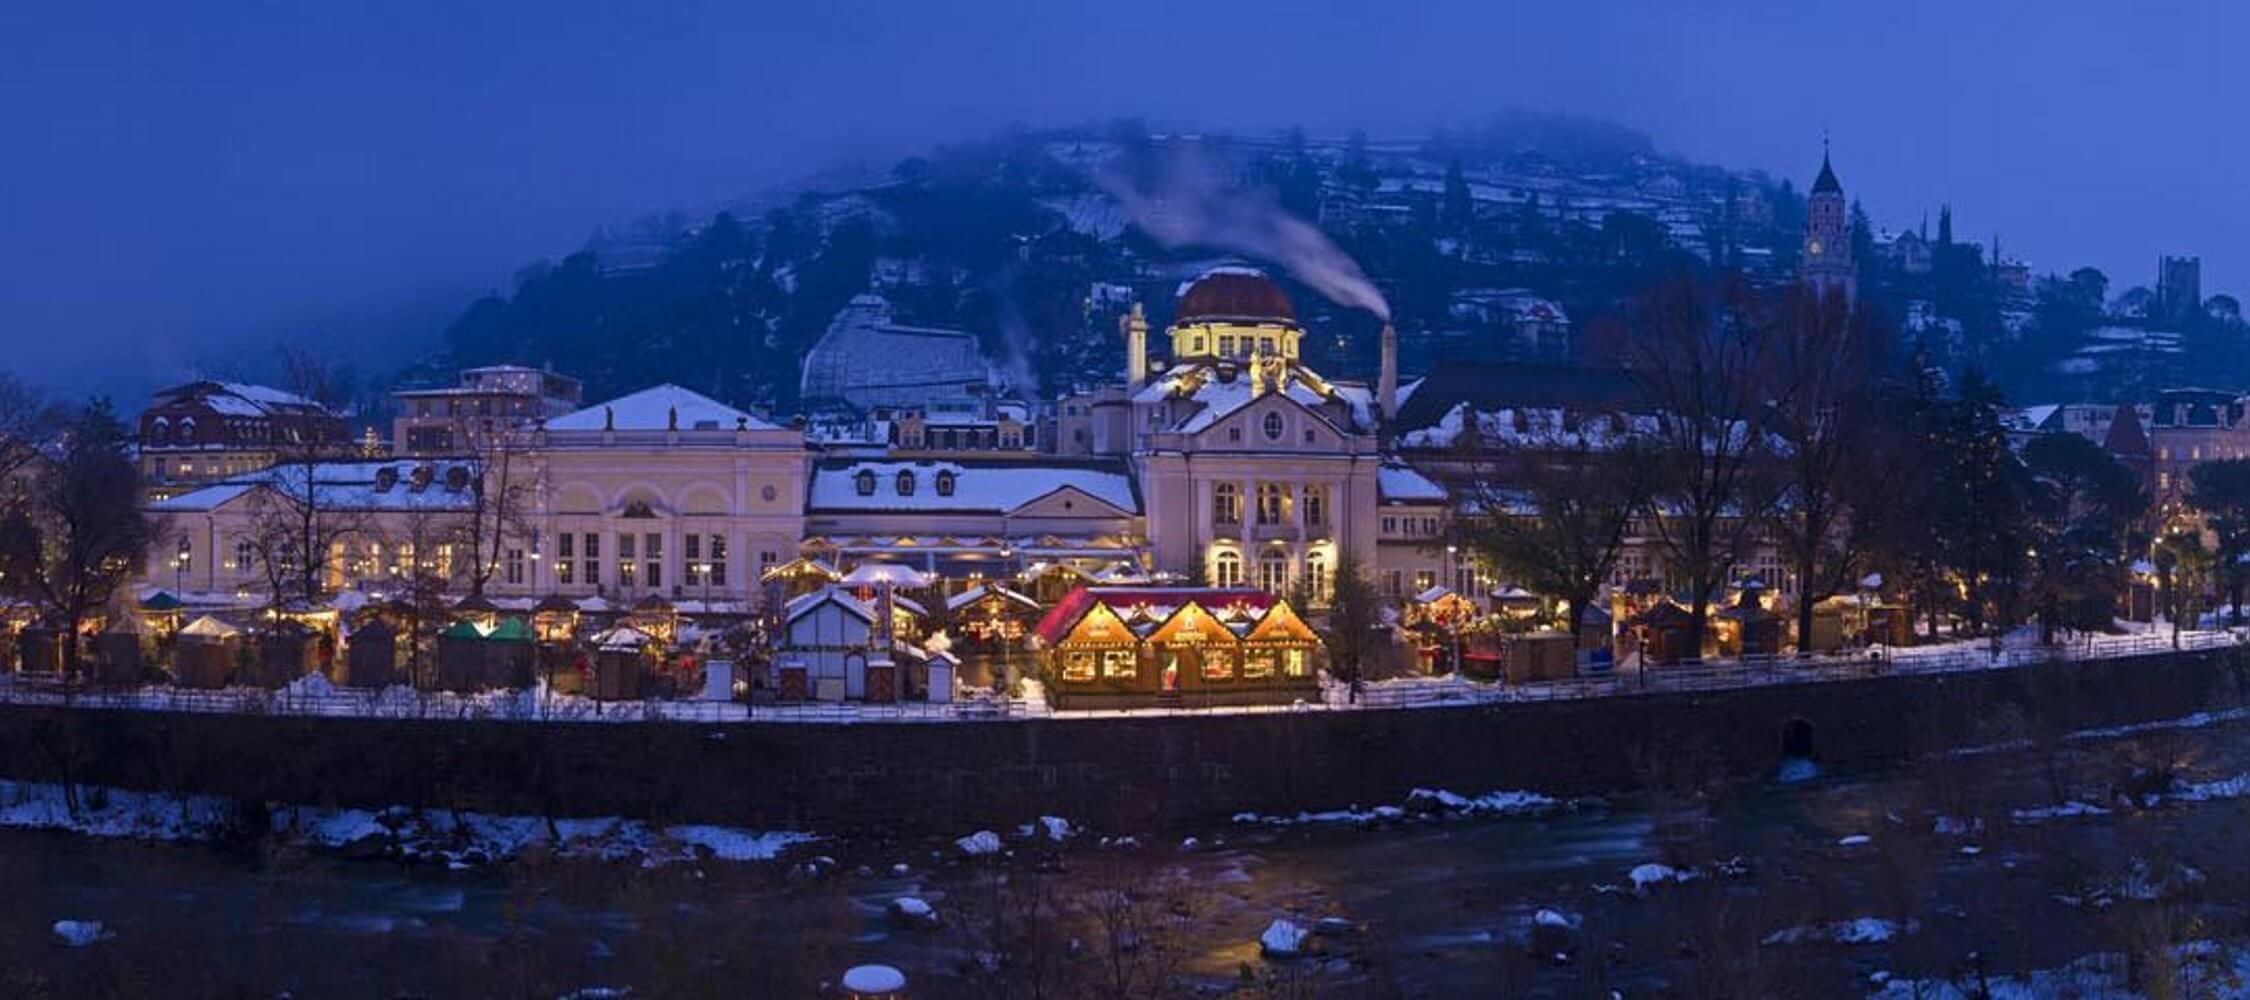 Italien-Trentino_Suedtirol_Alto_Adige_Merano_Meran_Erleben_Weihnachtsmarkt_Weihnachten_Winter_Nacht_Kurhaus_Kurverwaltung_2250x1000